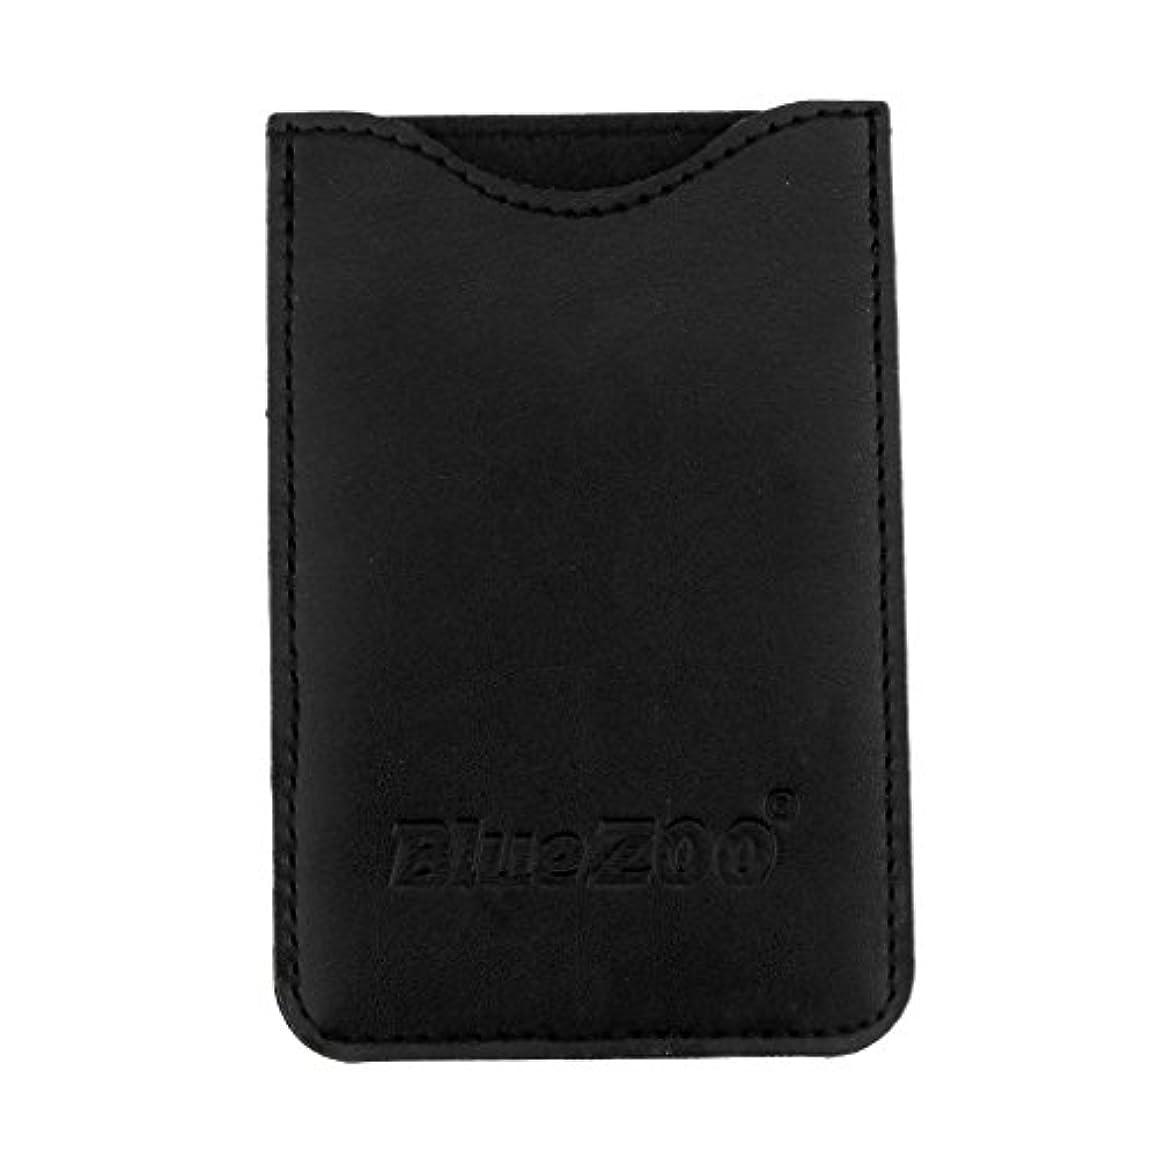 神学校倫理ピストルToygogo PUレザー ポケット コームバッグ 櫛バッグ 収納パック 保護カバー 柔らかい 全2色 - ブラック